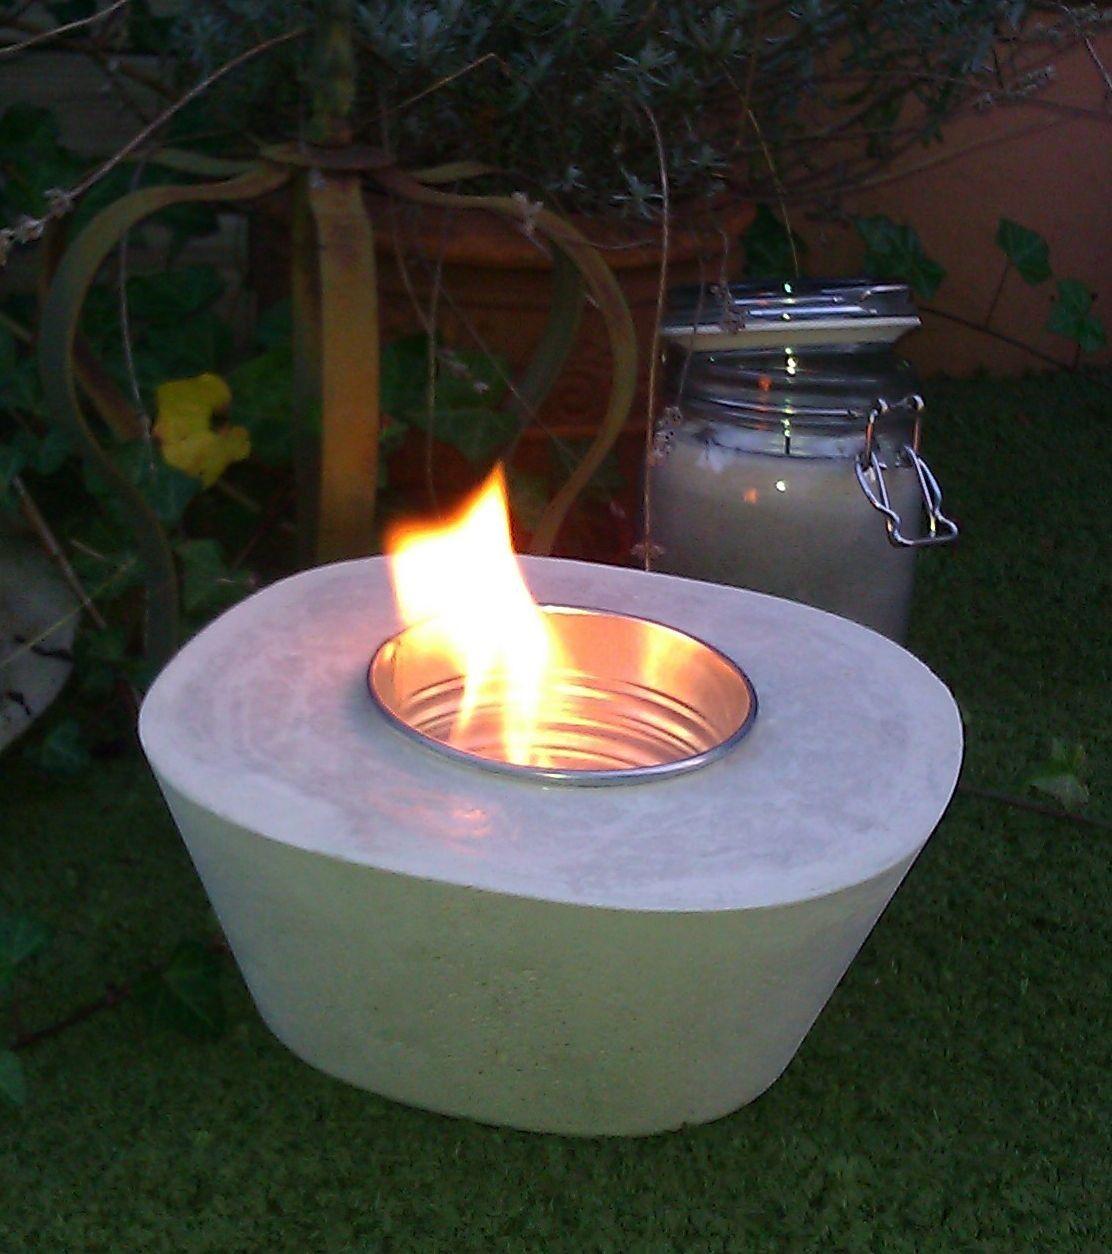 Bei Beton Style Com Erhalten Sie Handgefertigte Produkte Aus Beton Individuell Gefertigt Jedes Produkt Ist Ein Unikat Und Feuerschale Deko Sommer Dekoration